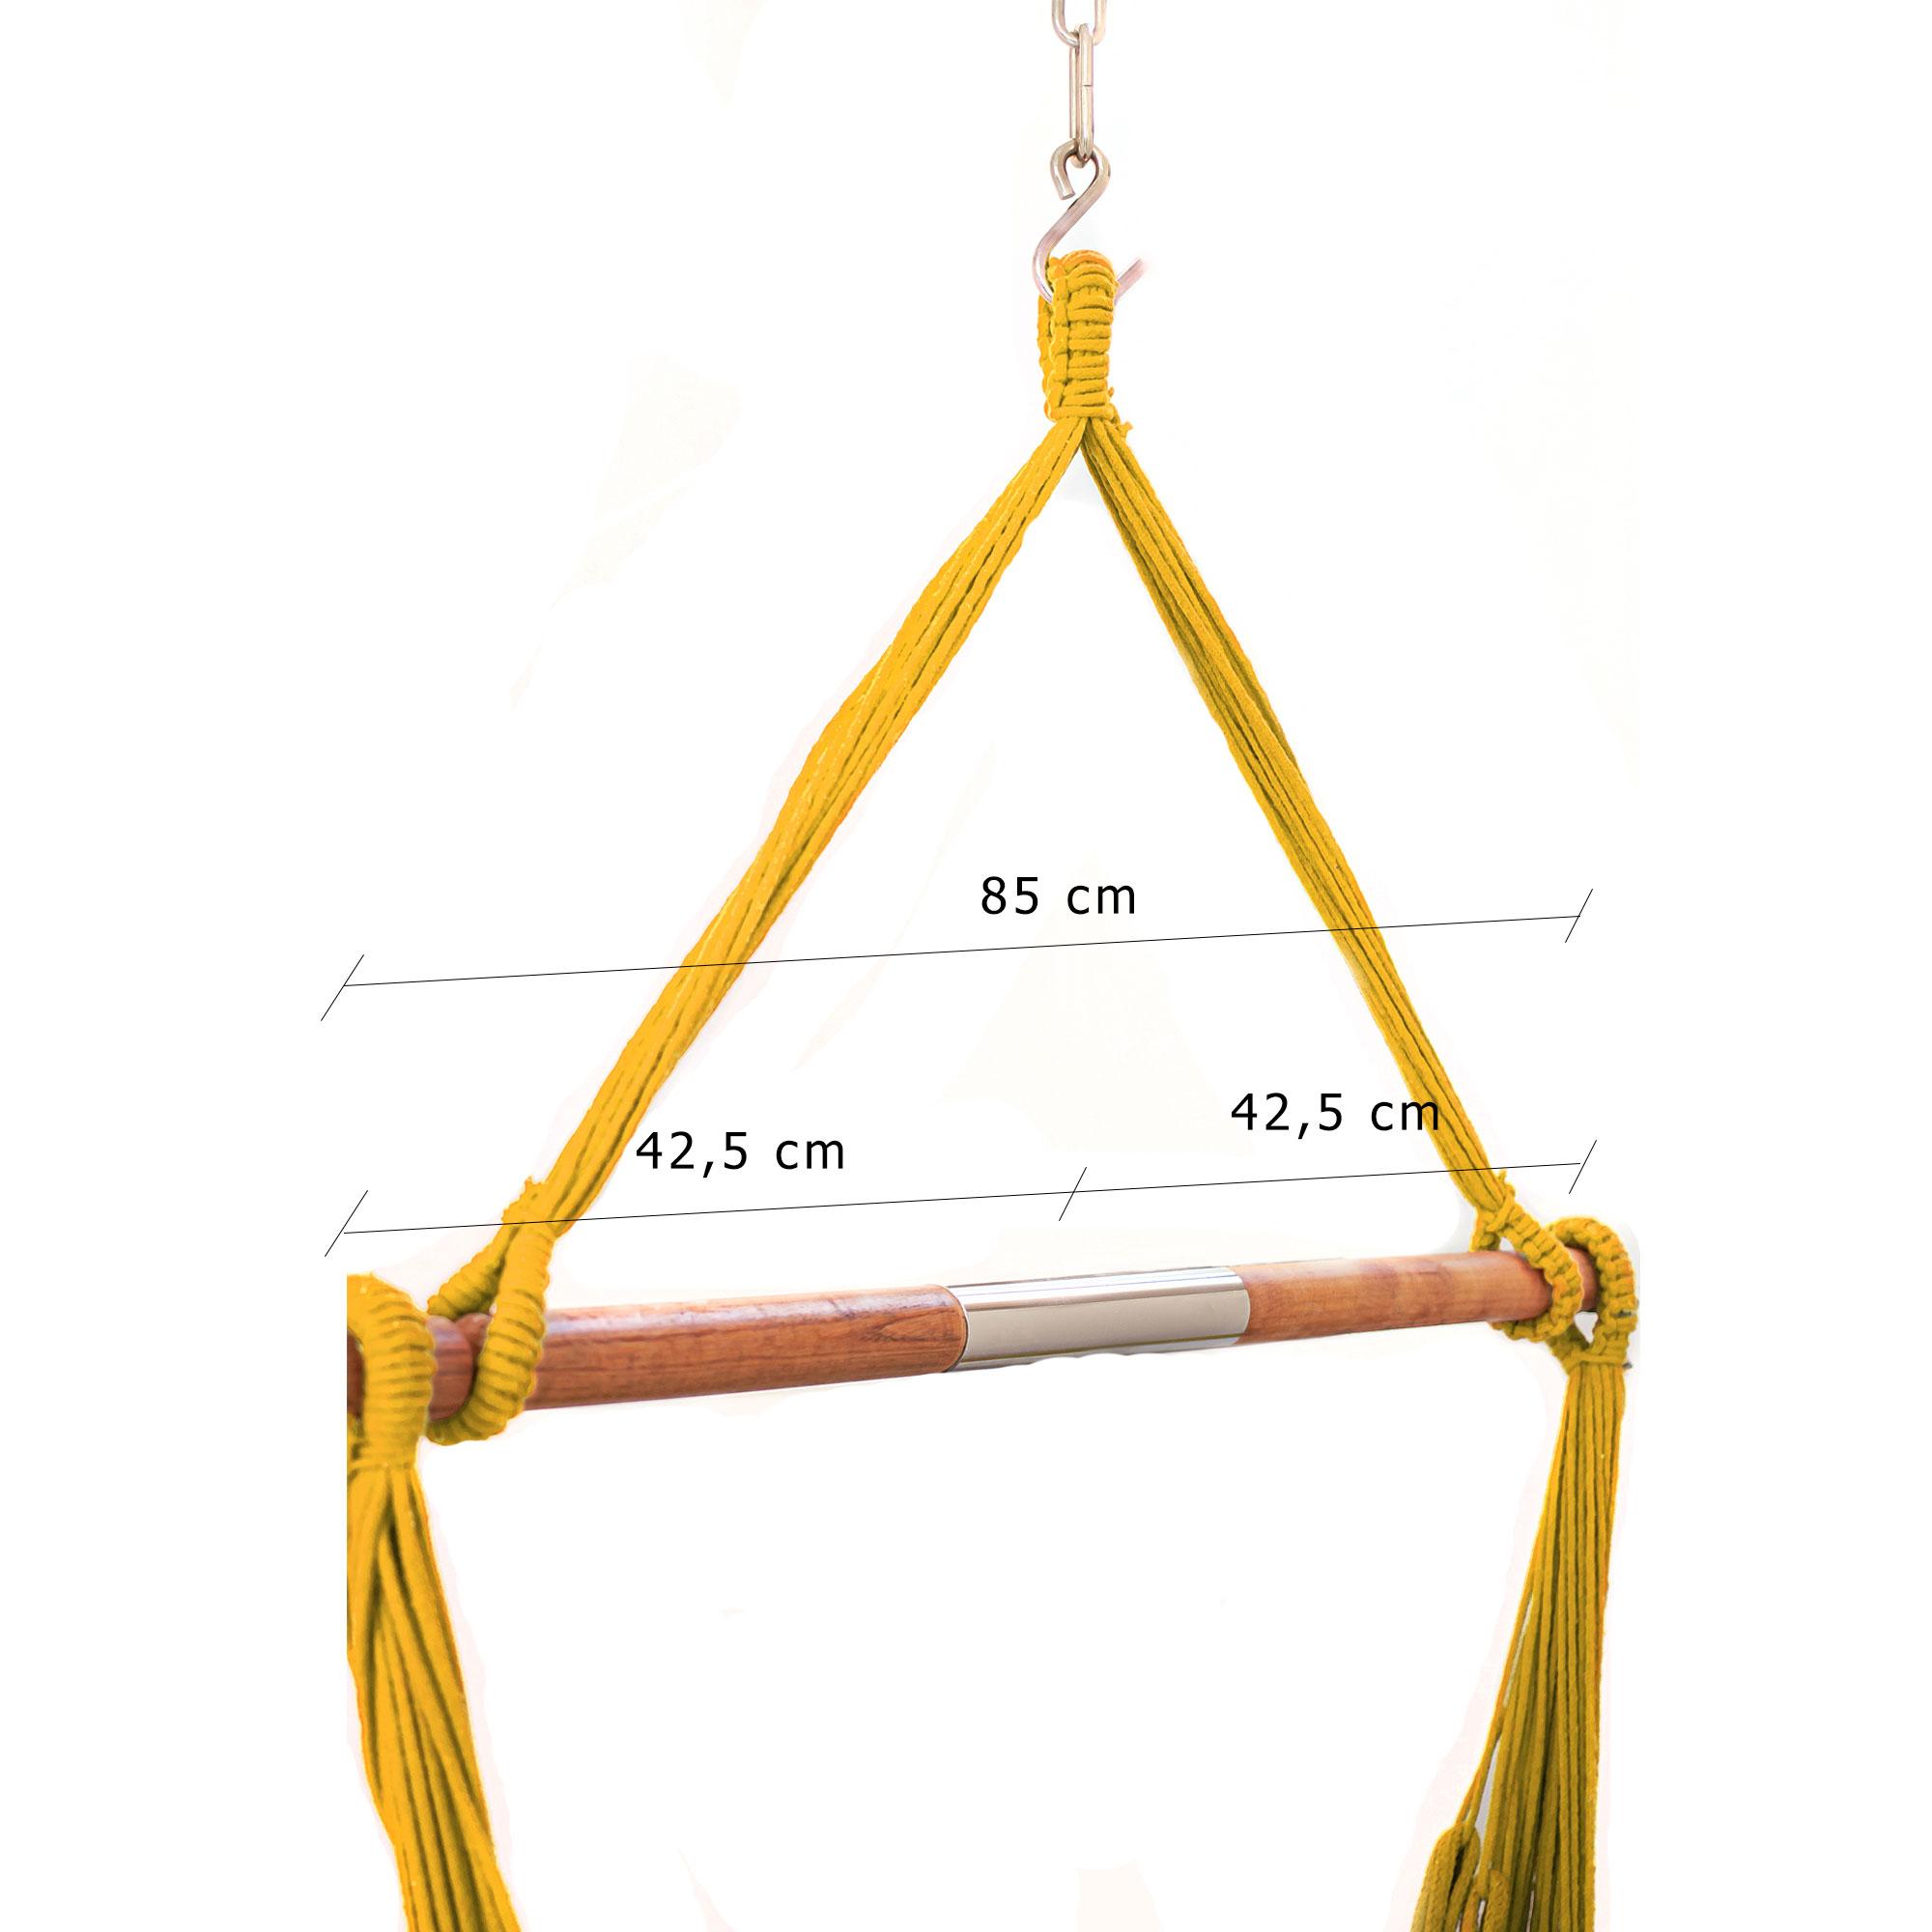 Rede Cadeira Suspensa Teto Corda Algodão Amarela